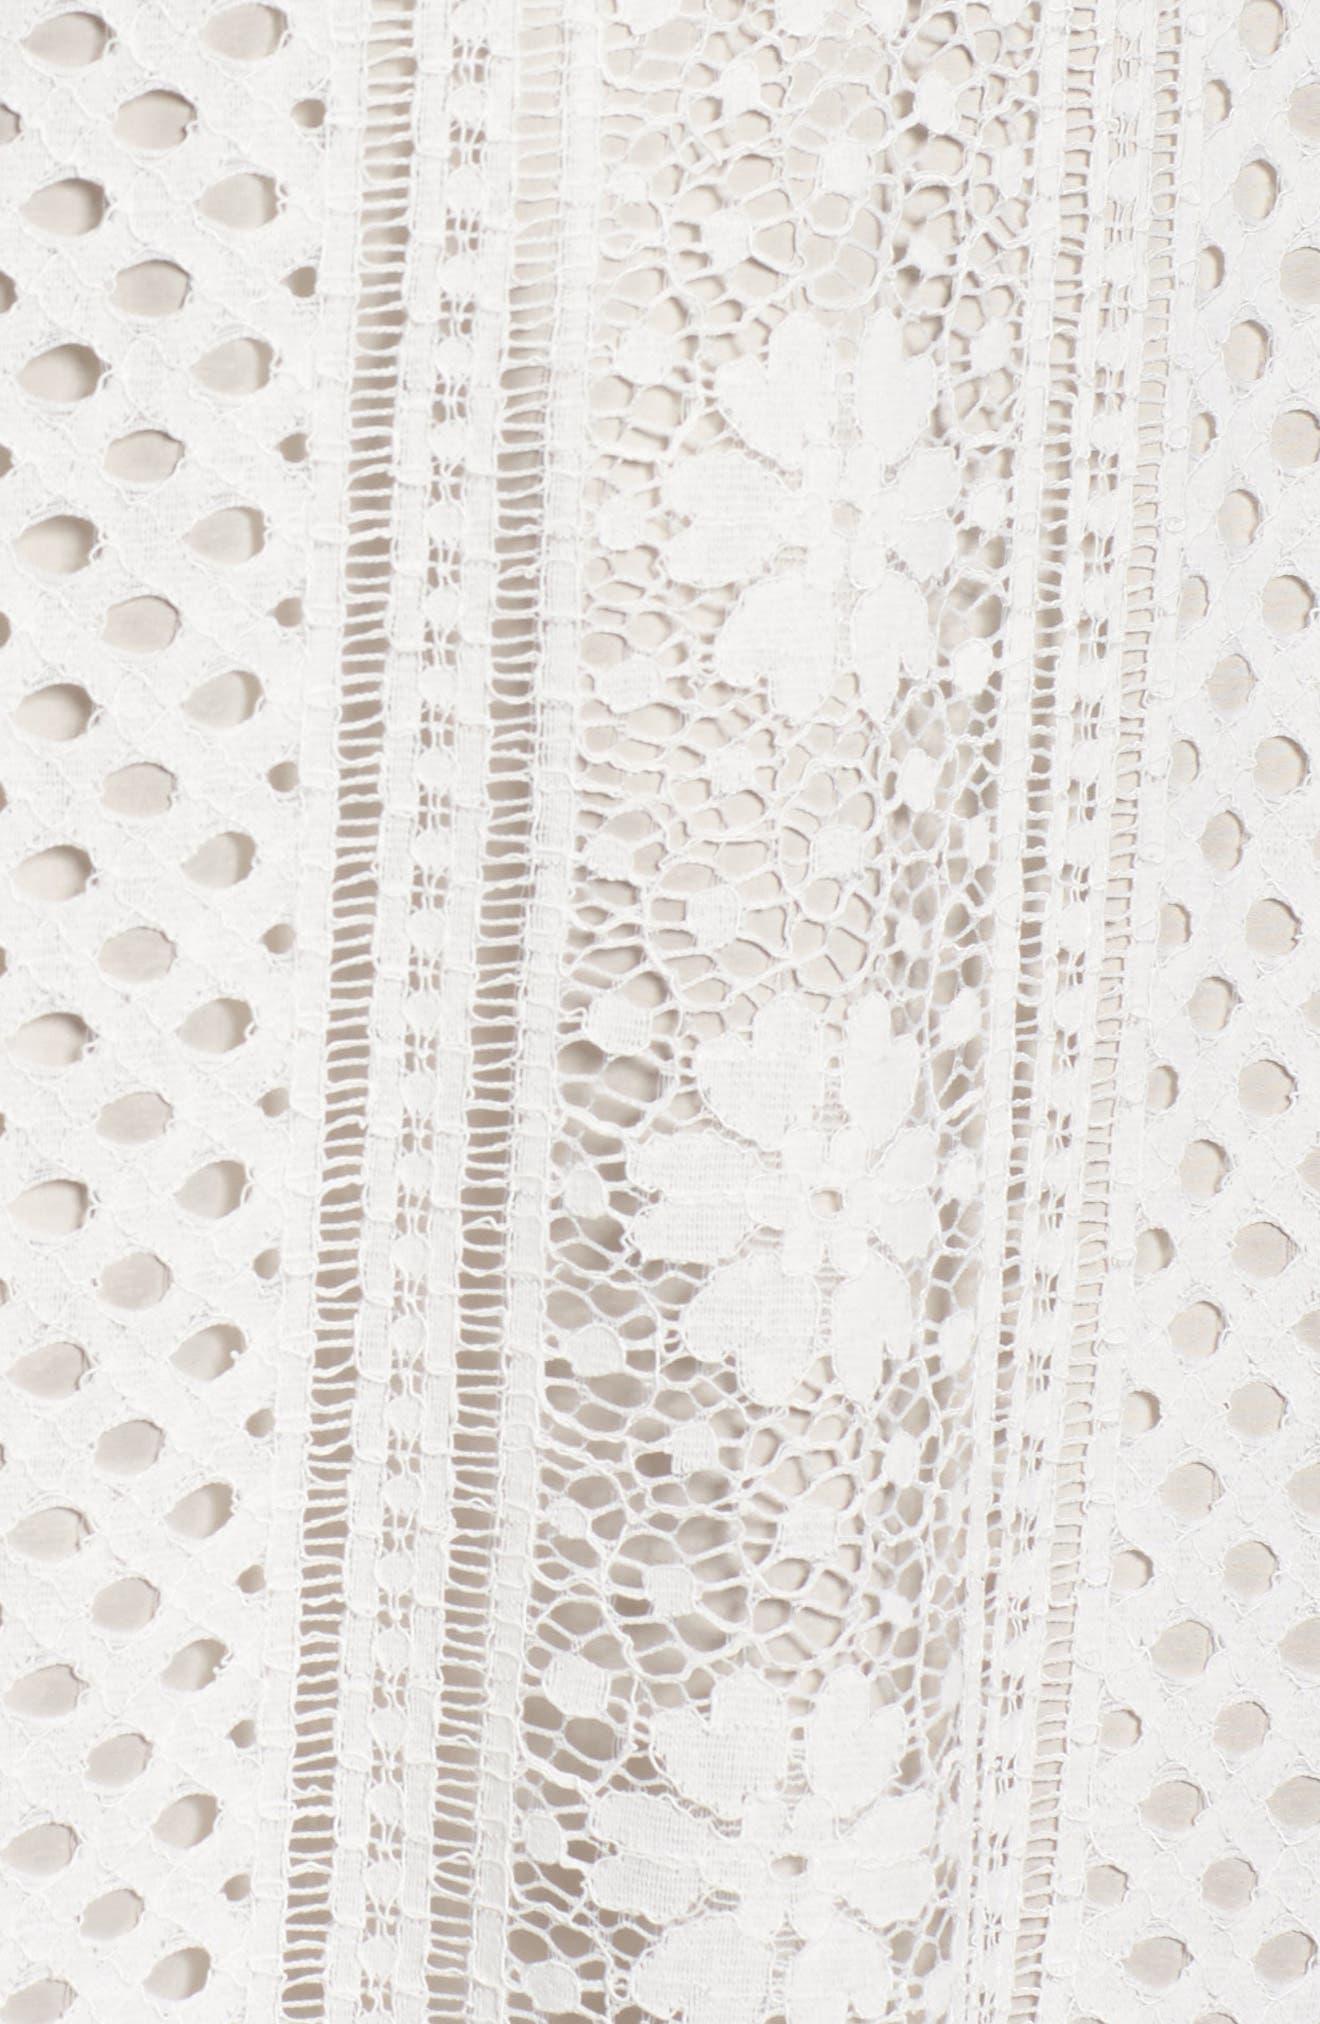 A-Line Lace Dress,                             Alternate thumbnail 5, color,                             901